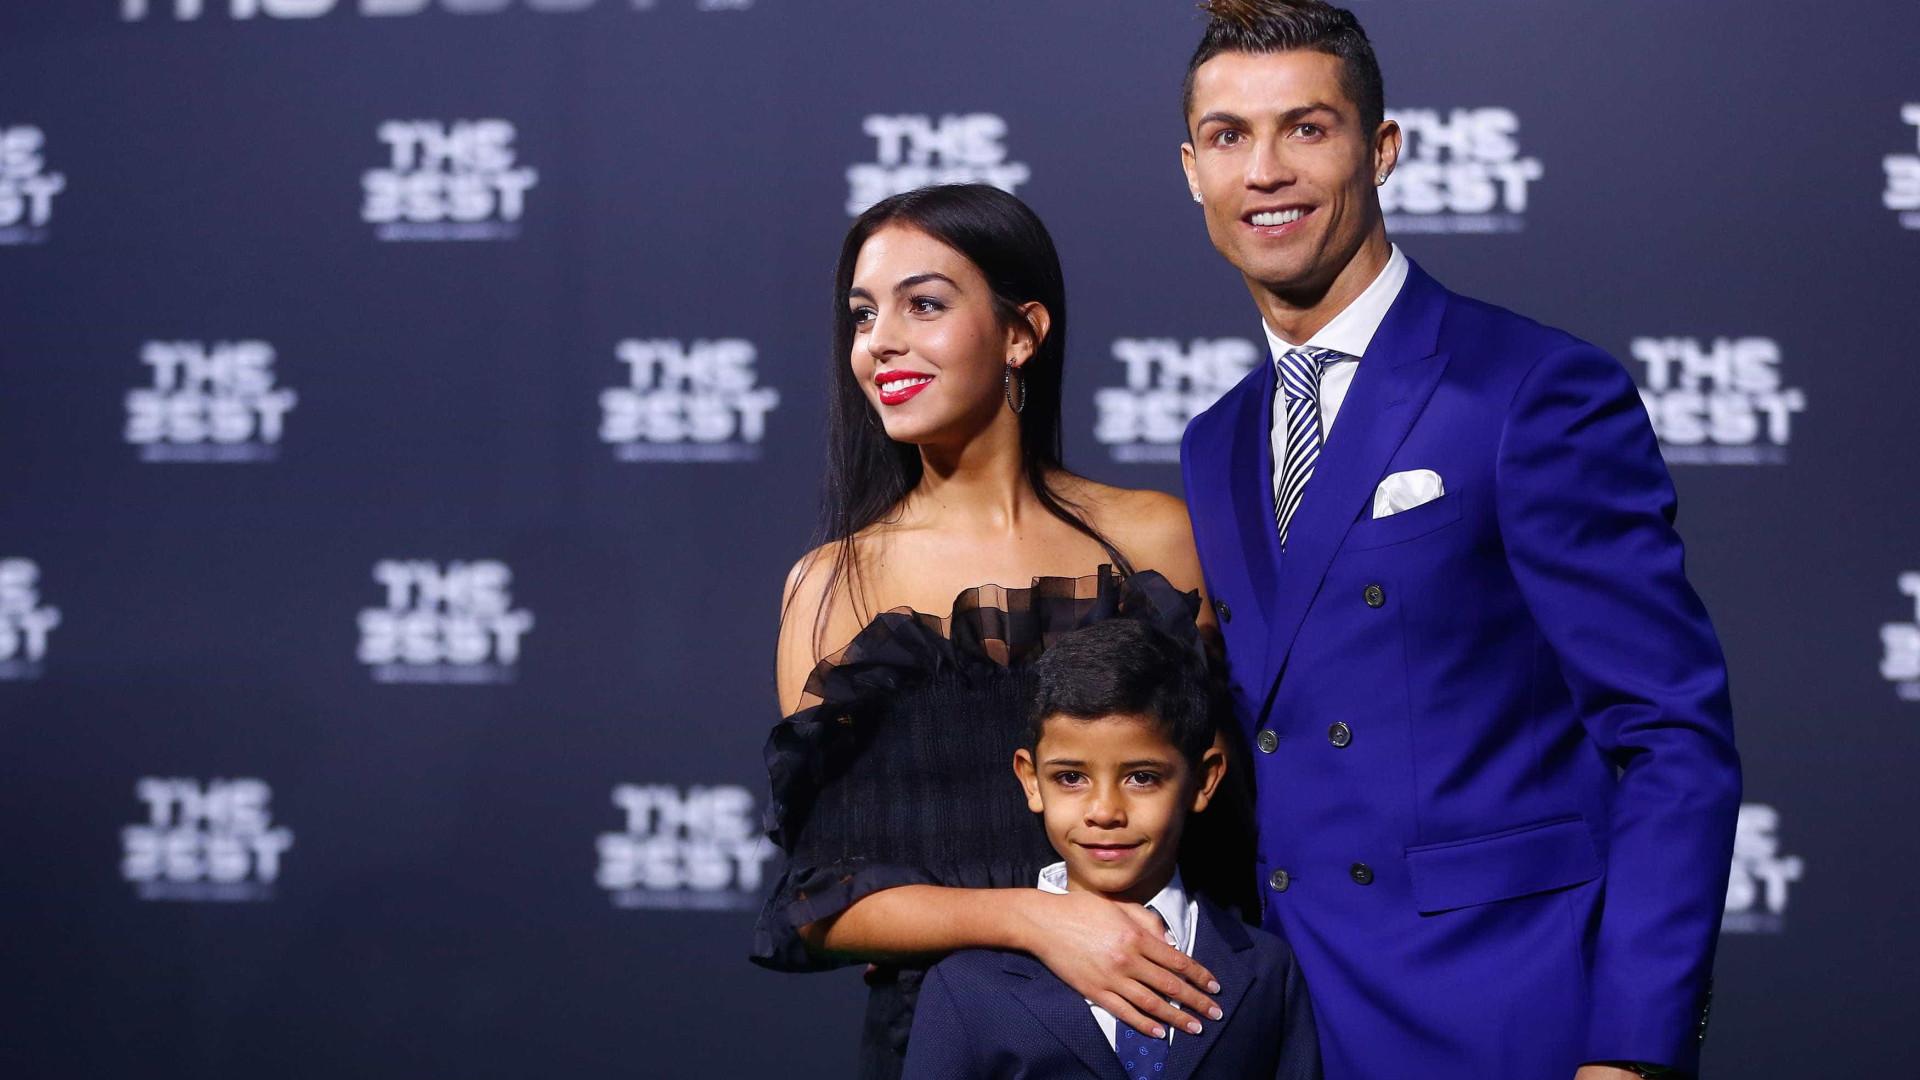 Namorada de Ronaldo felicita Cristianinho